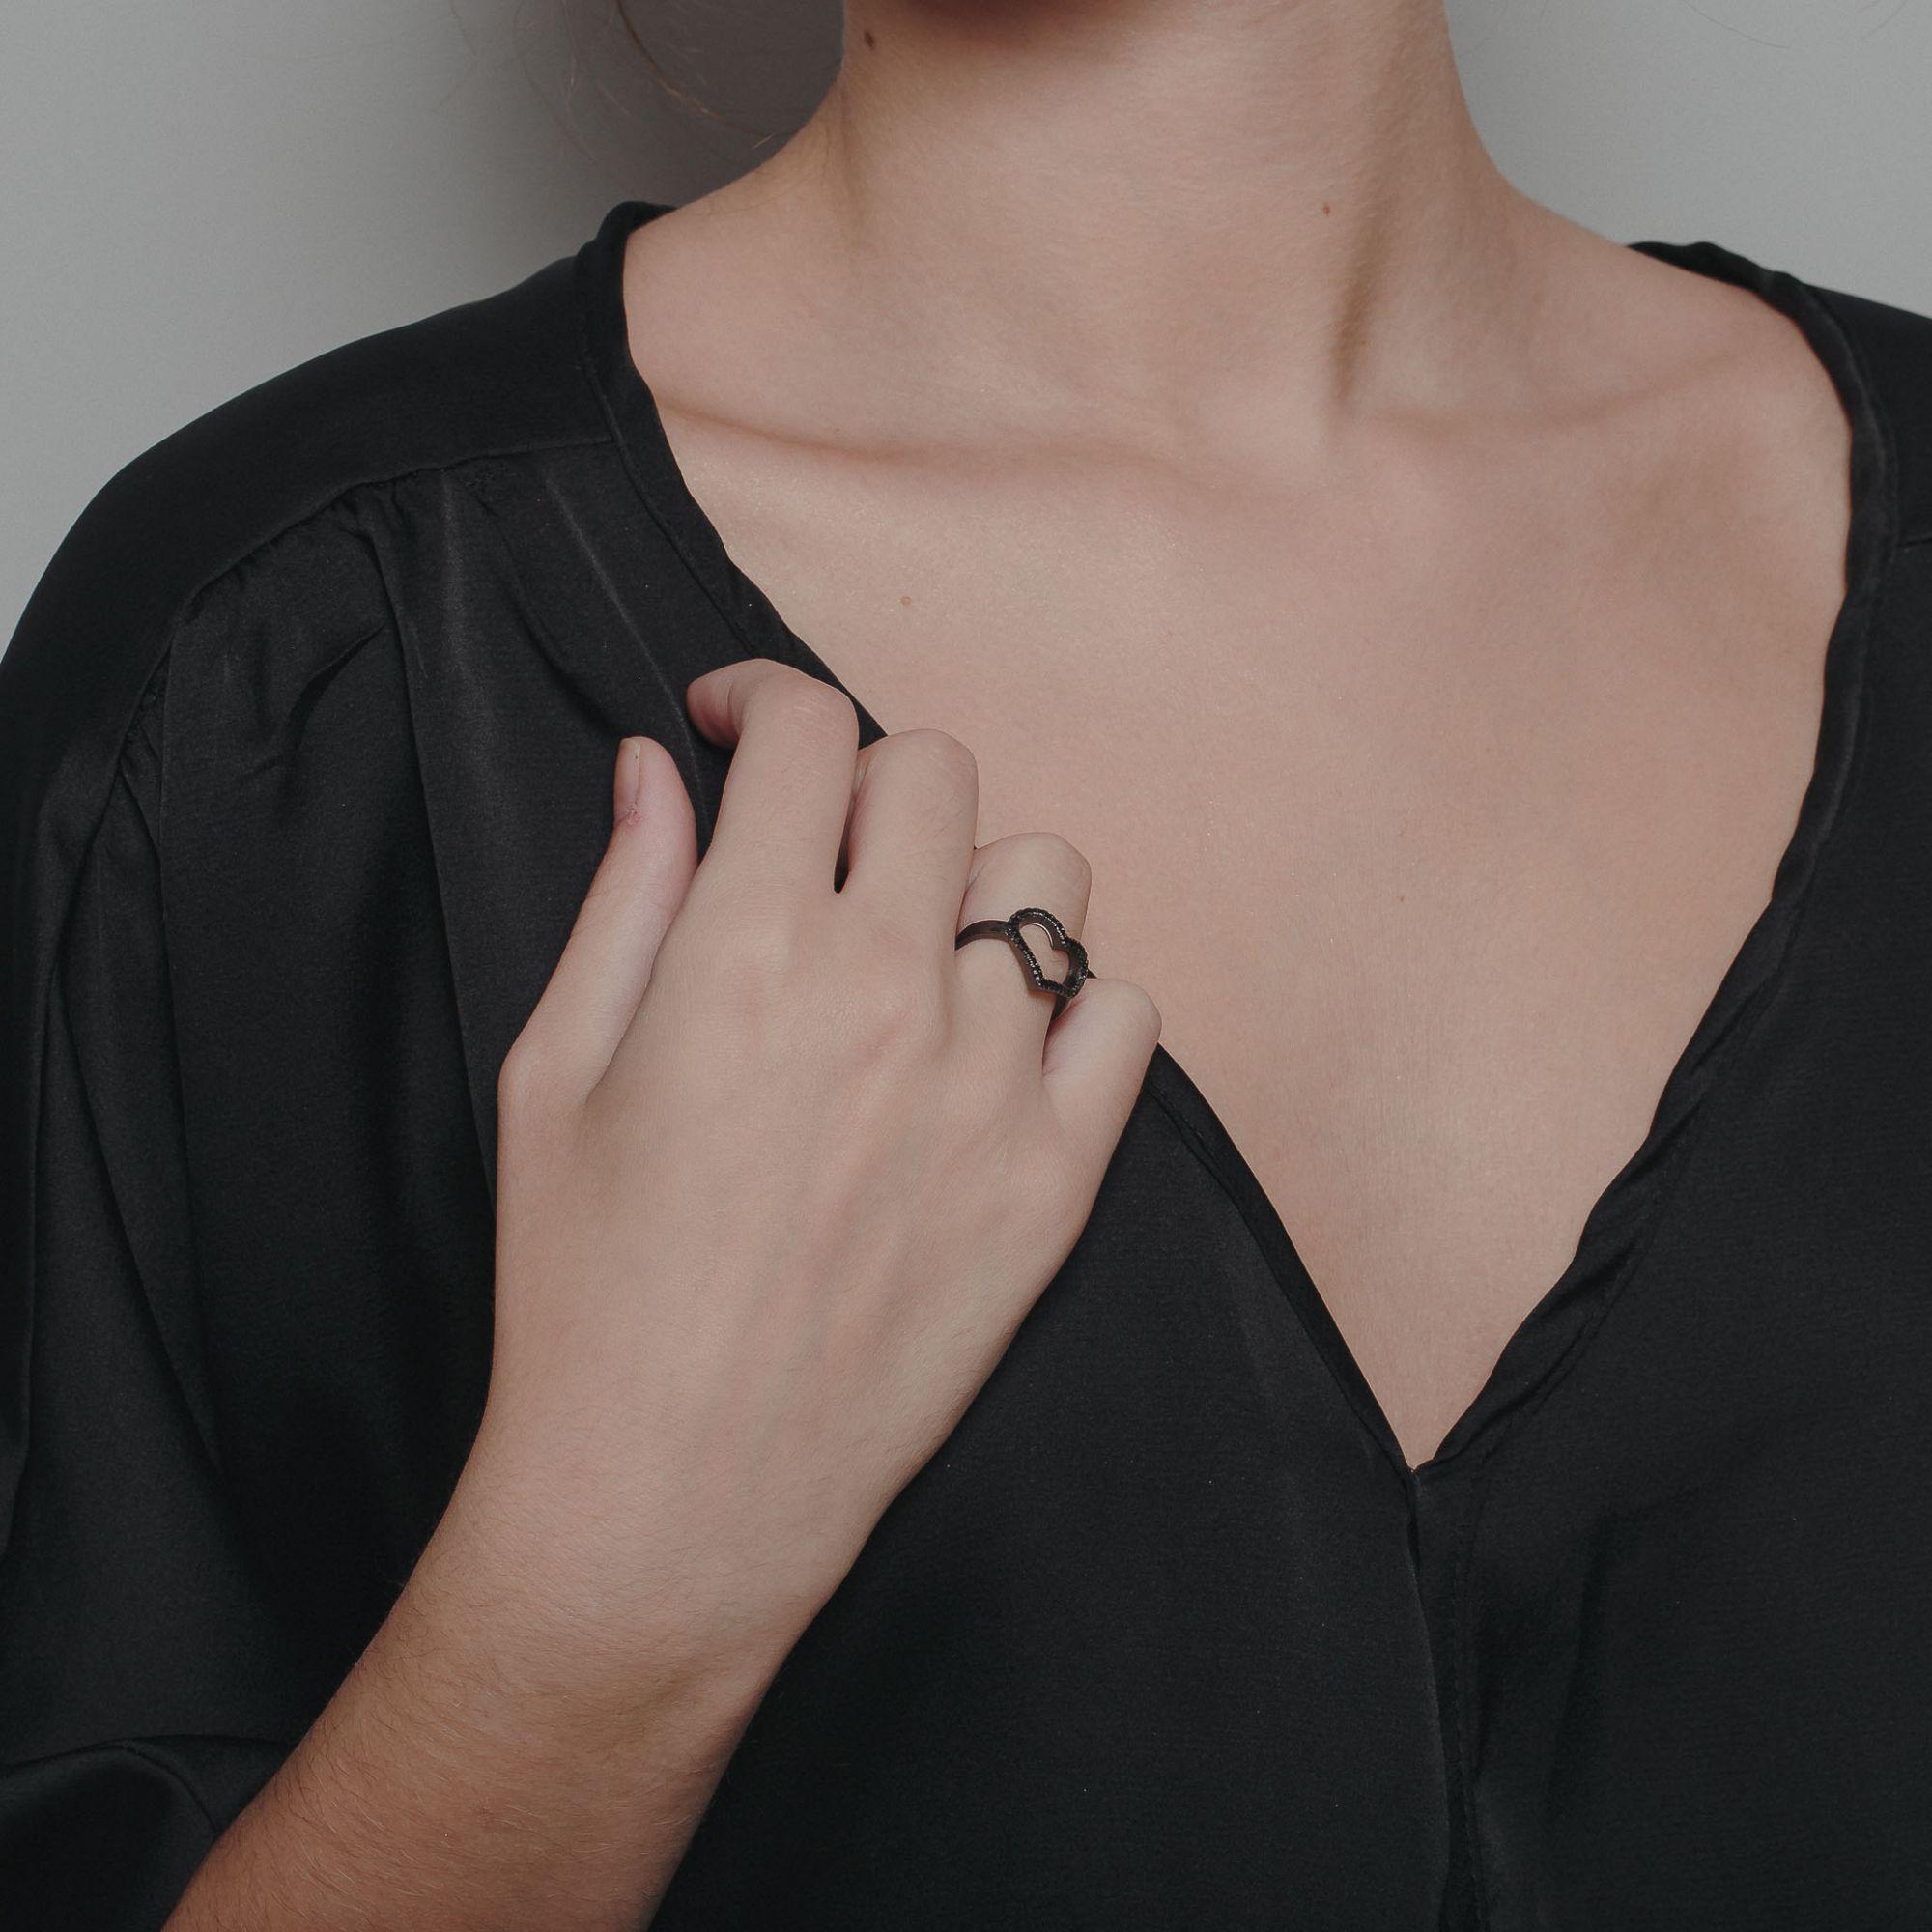 Anel de coração com micro zircônias negras banho de grafite.  - romabrazil.com.br